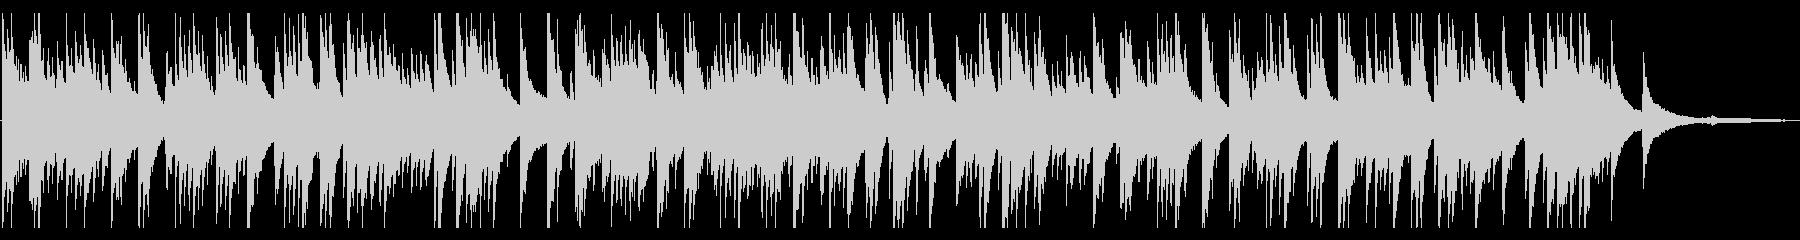 優しくて切ないピアノソロBGMの未再生の波形